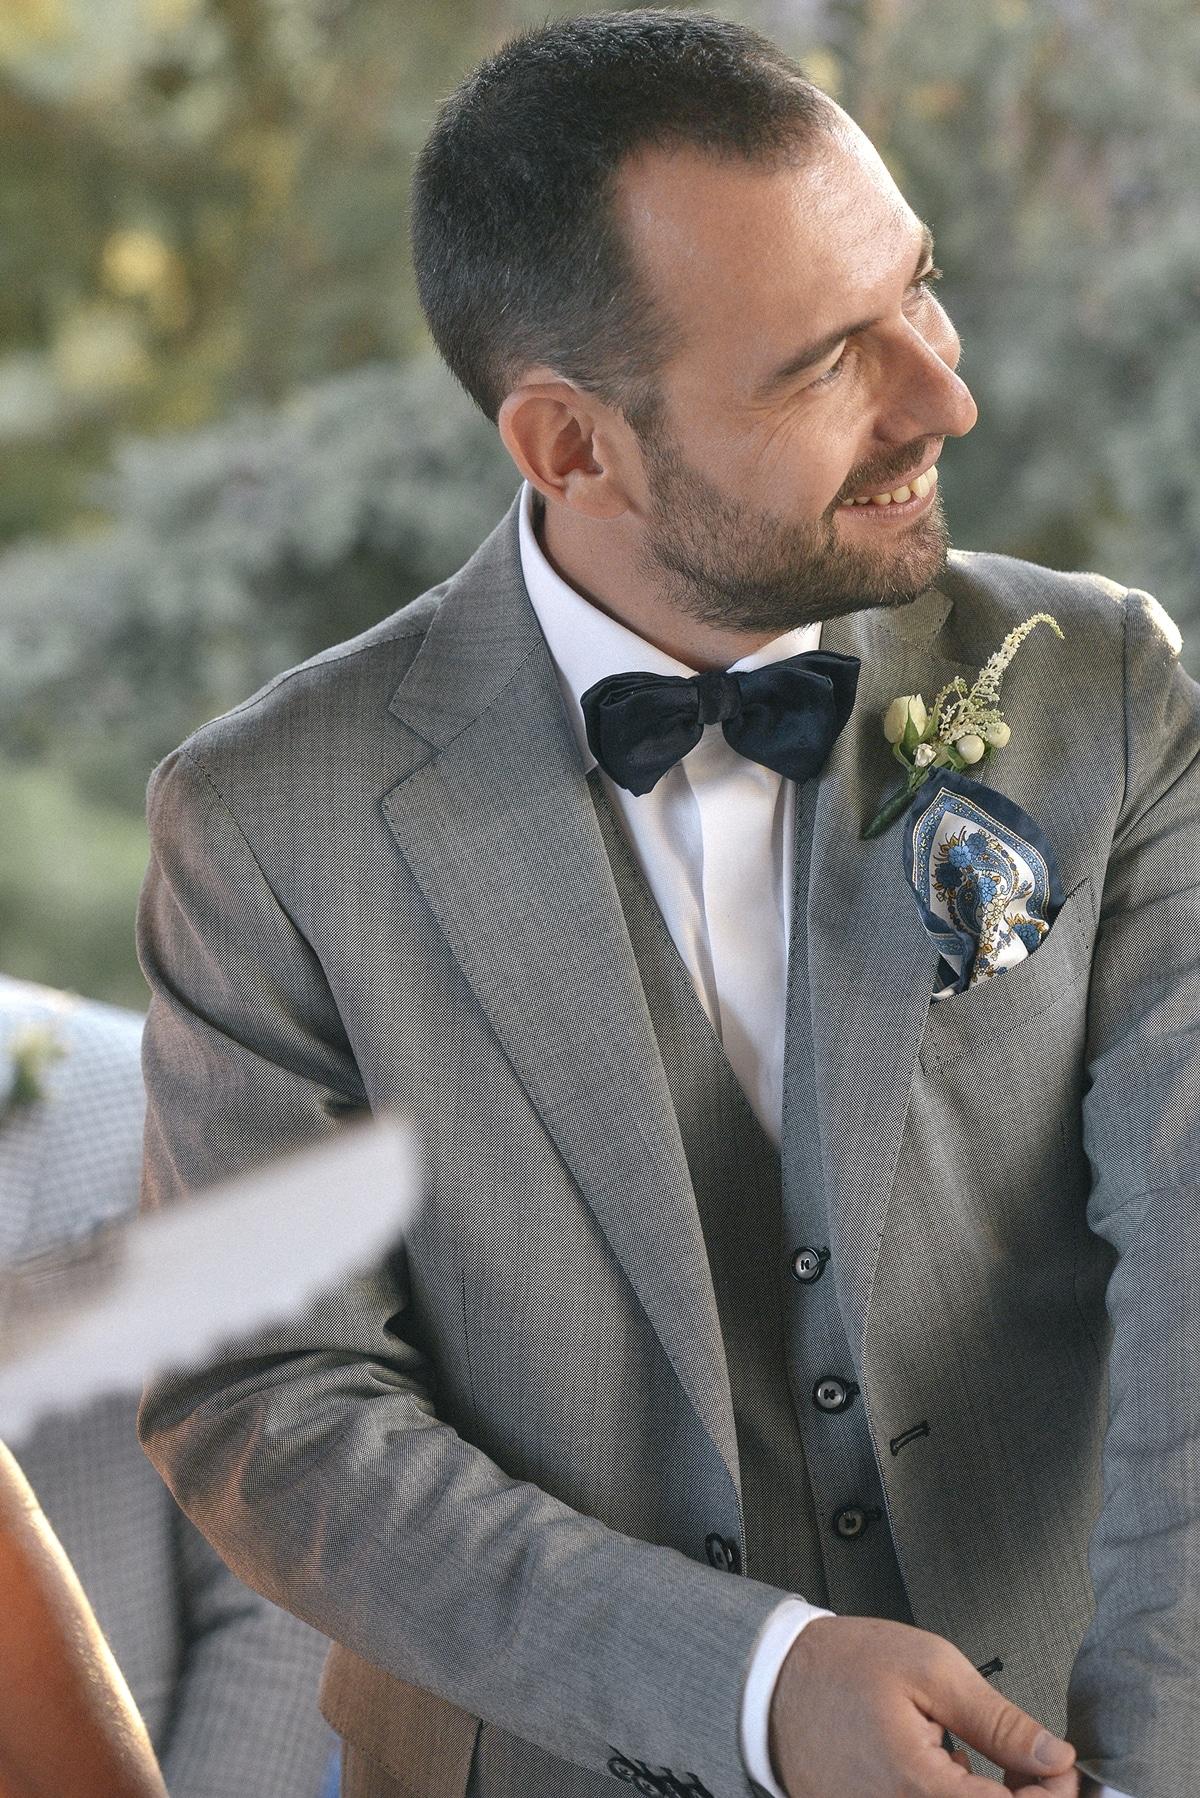 Groom's gray suit